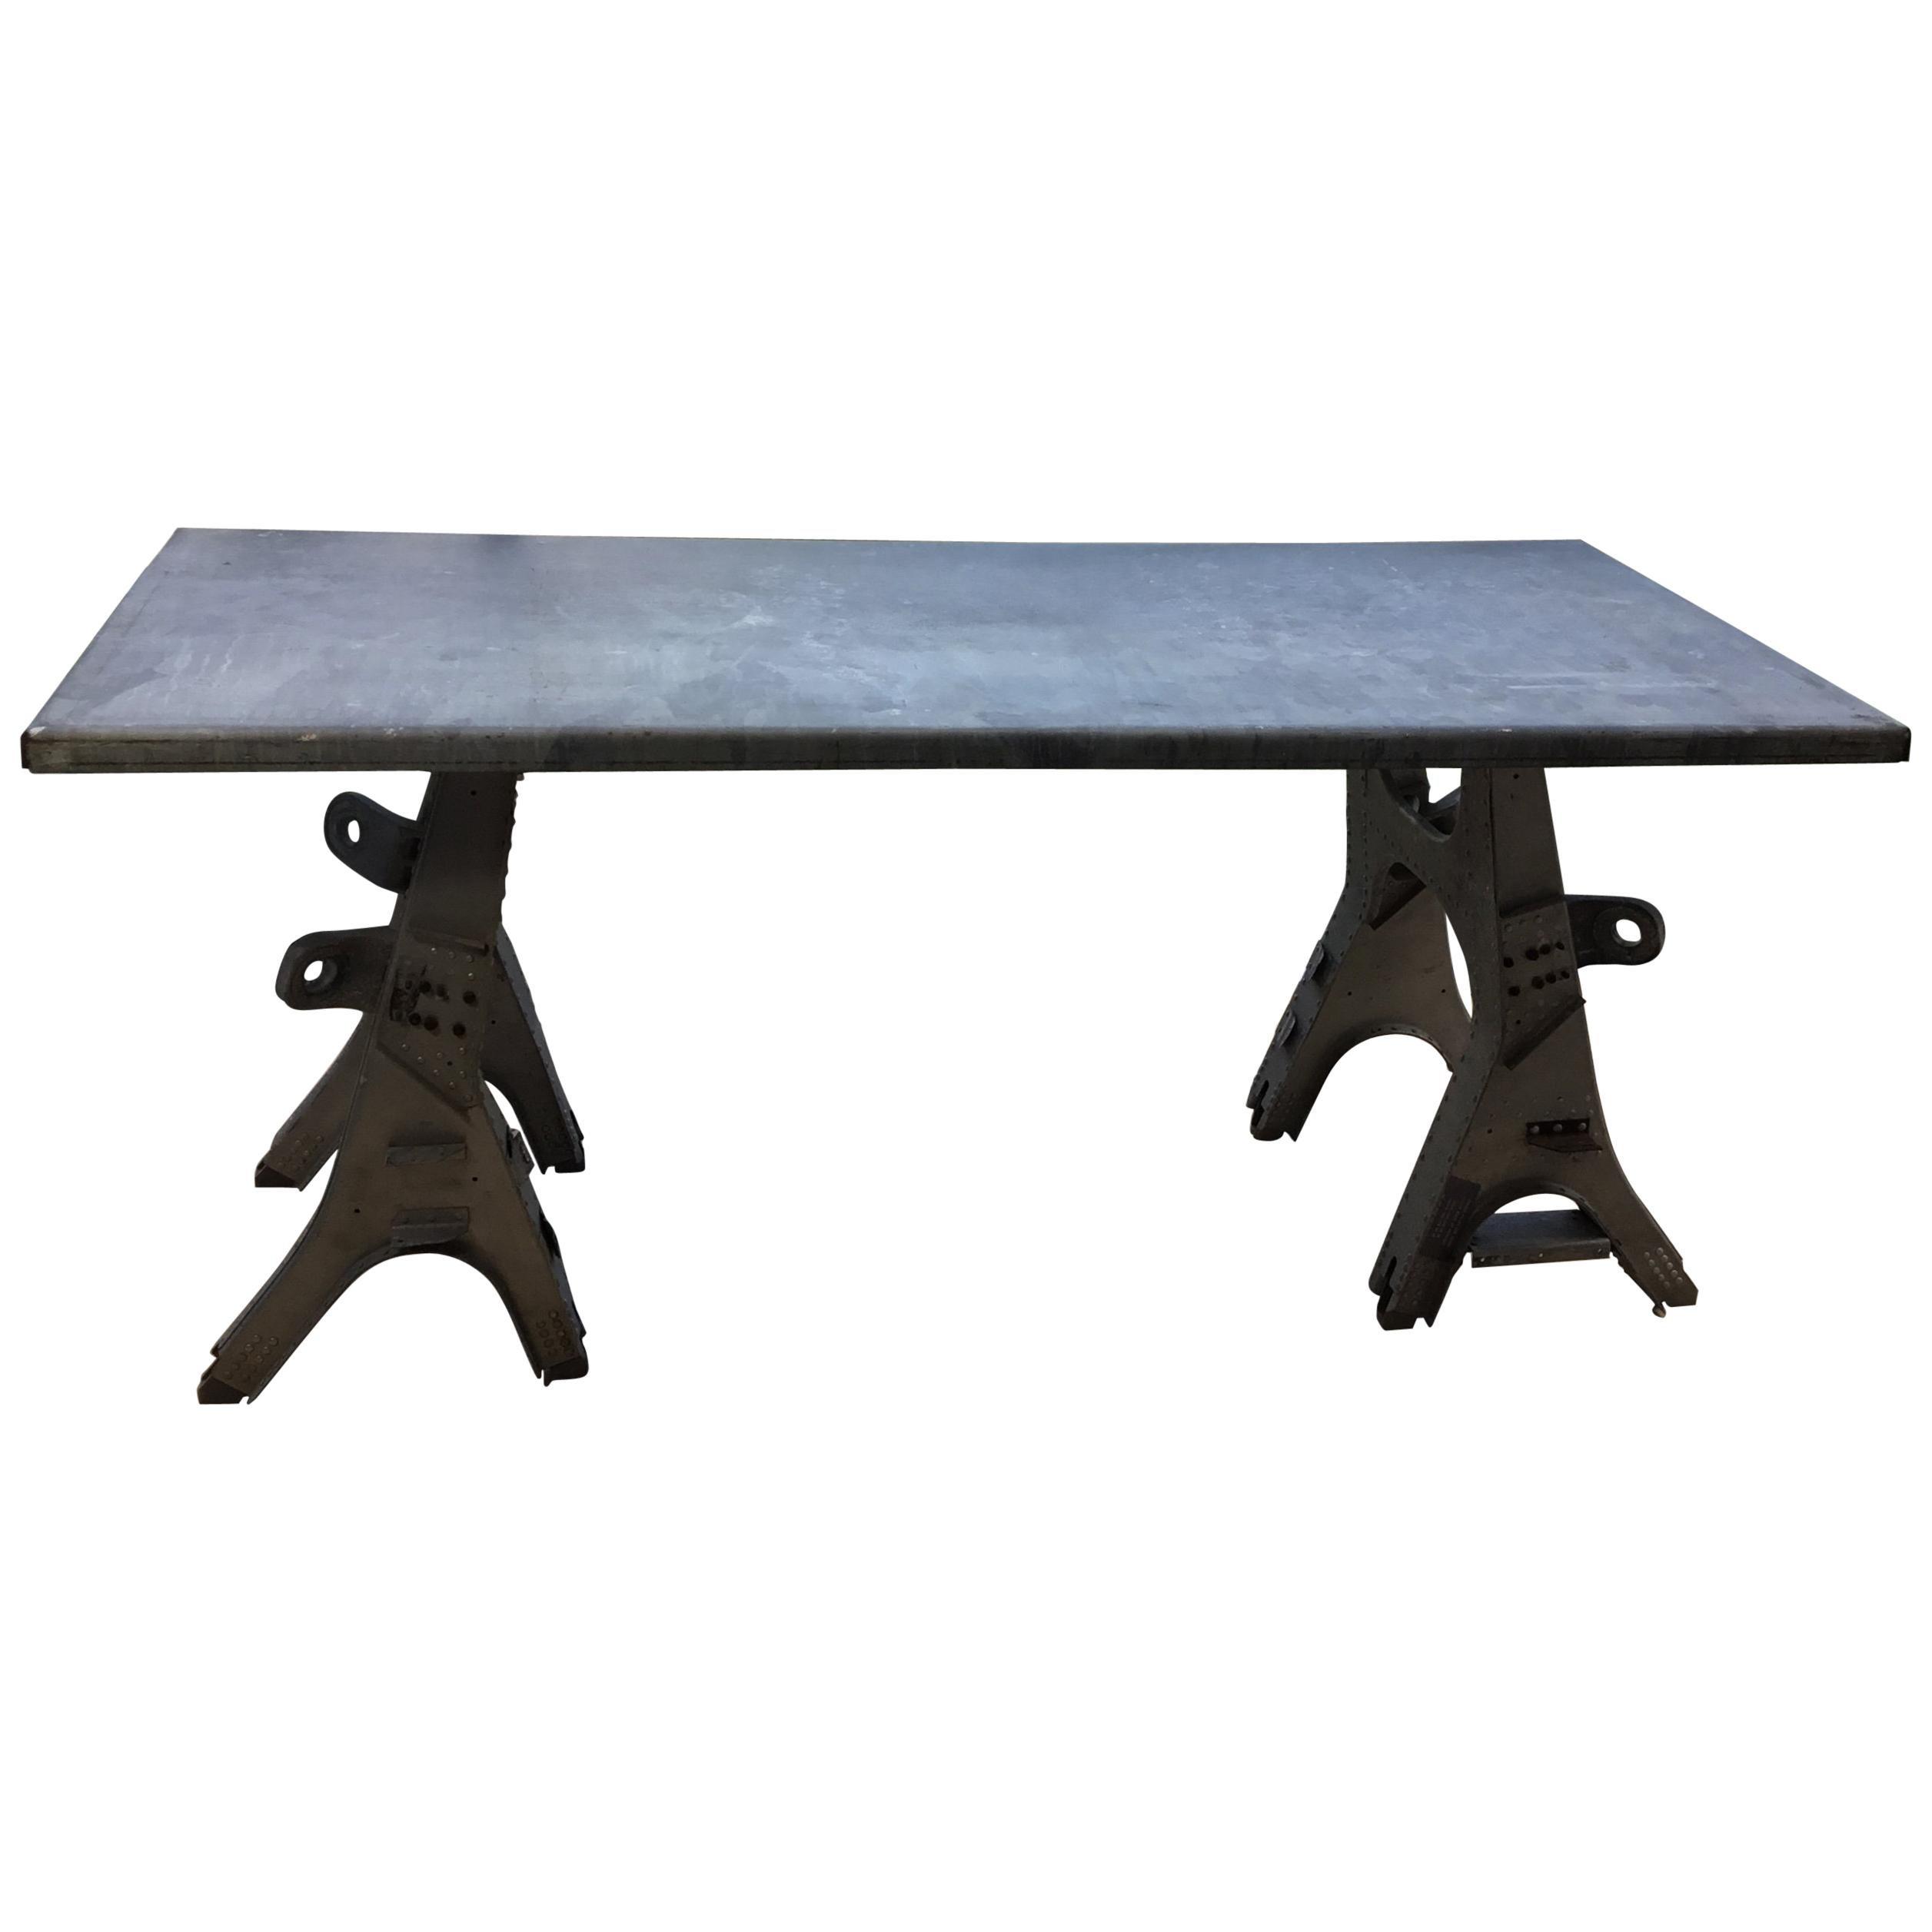 Vintage Rustic Industrial Work Table